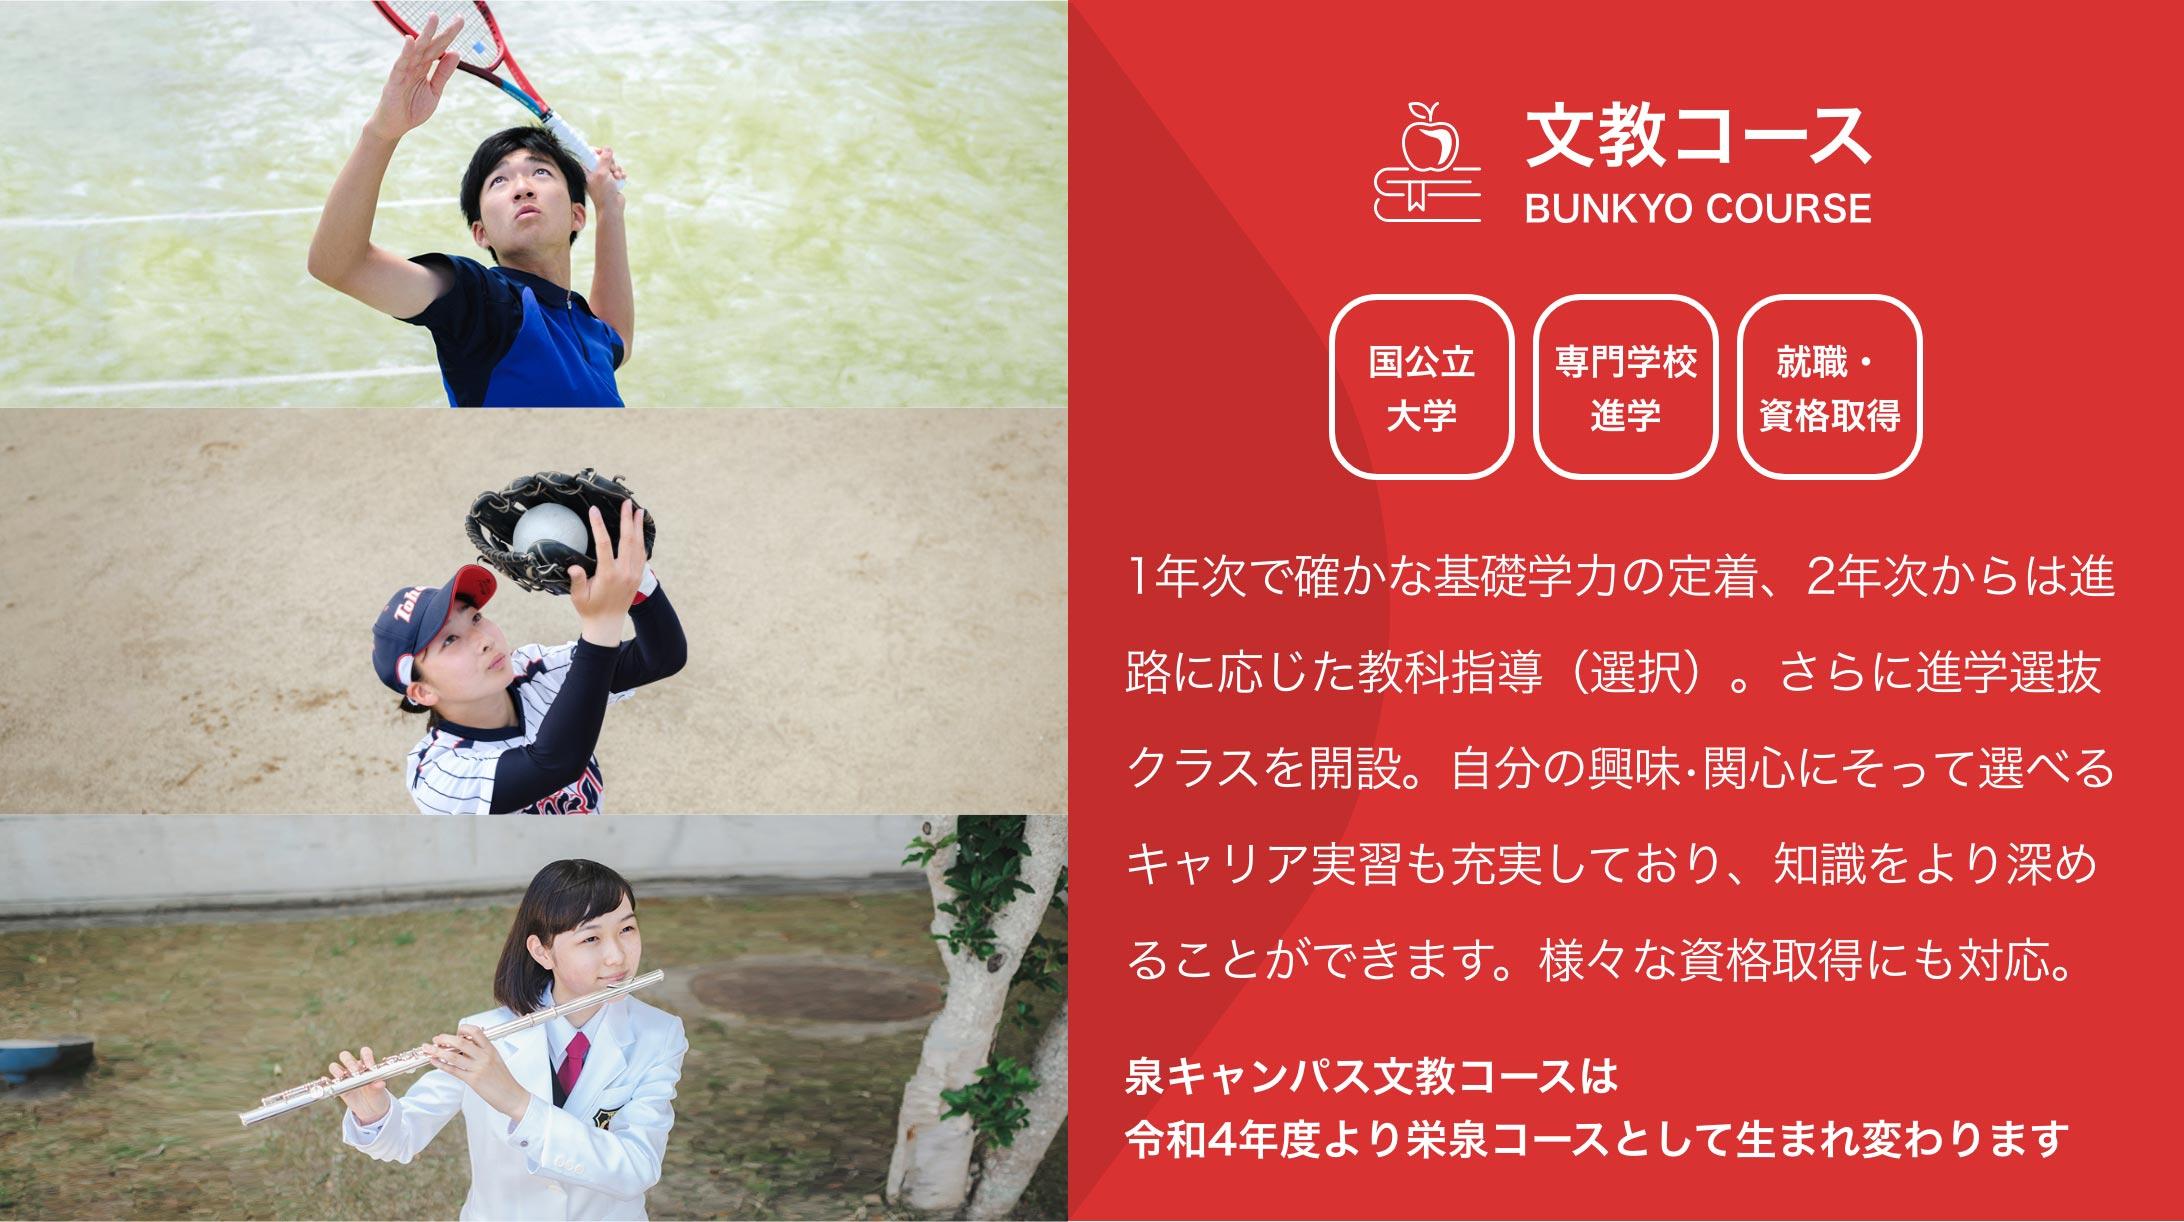 栄泉コースの紹介